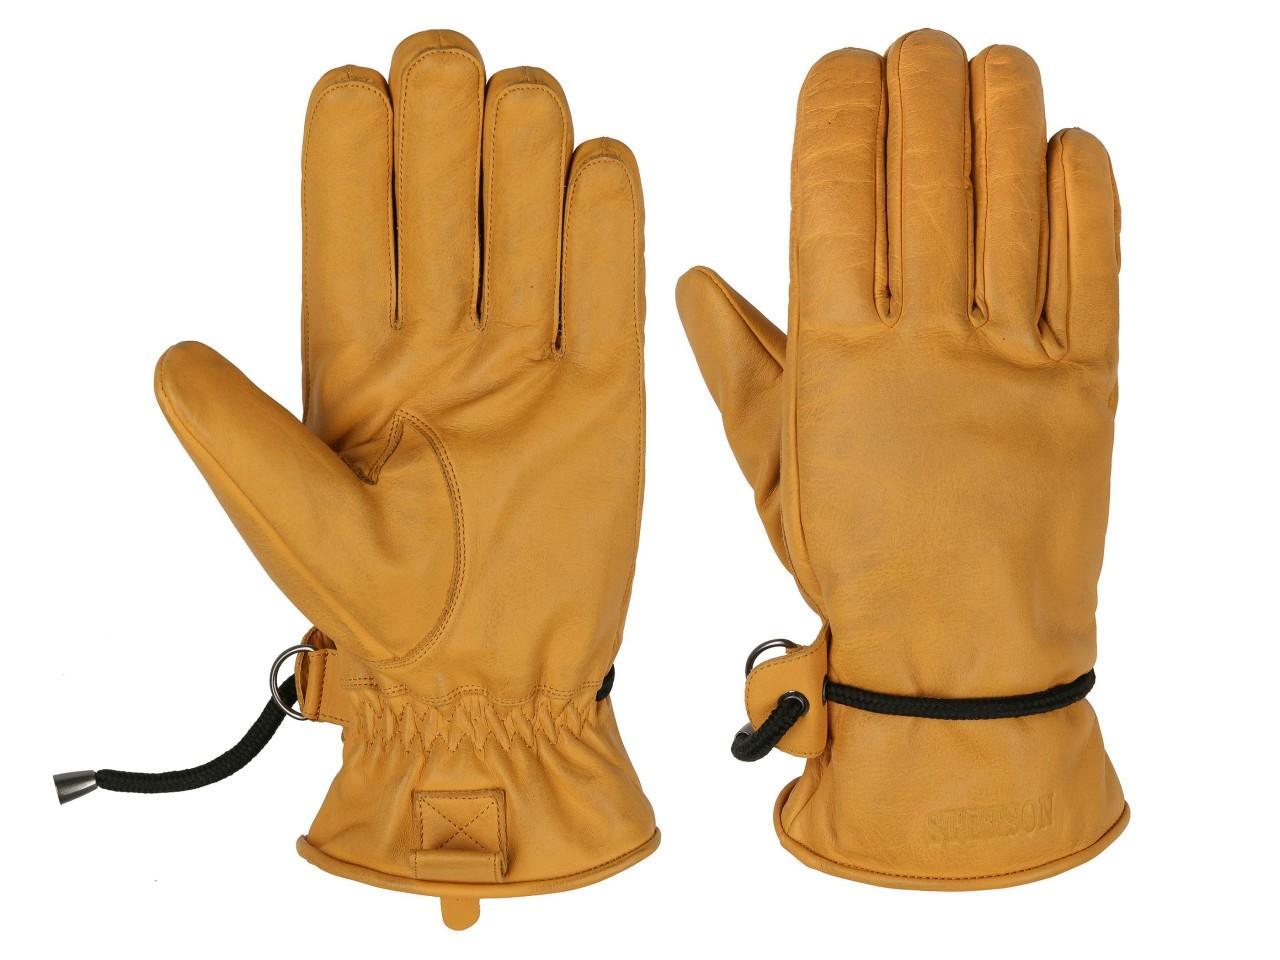 Stetson Gloves Cowhide Lederhandschuhe, Gelb (9) 21,5 cm (8/S)